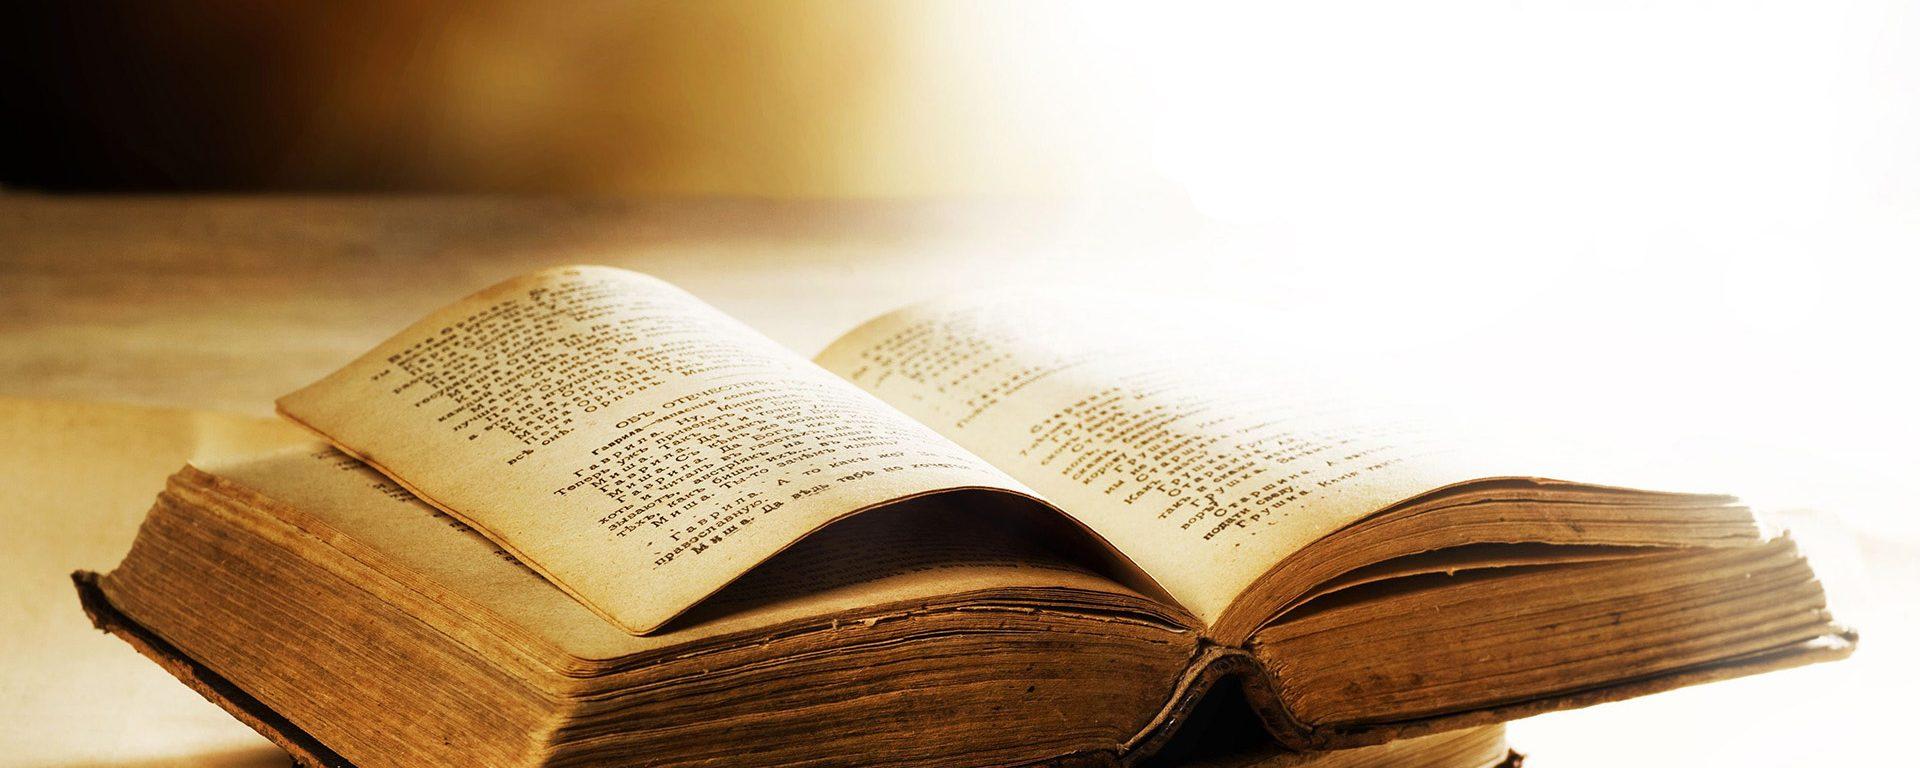 10 feria del libro antiguo de buenos aires vender - Libros antiguos valor ...